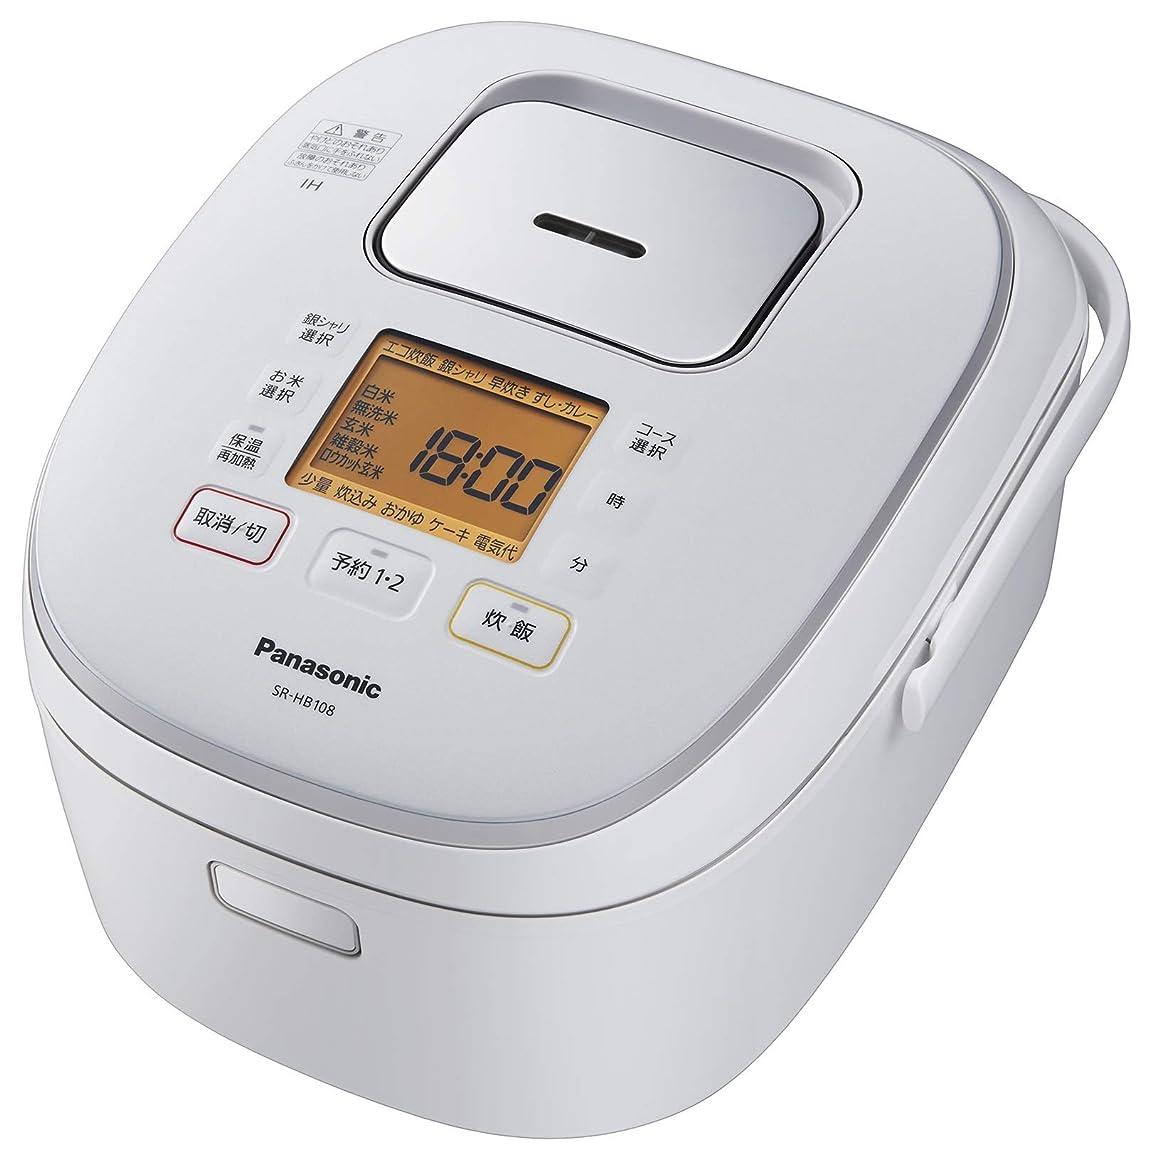 パナソニック 炊飯器 5.5合 IH式 ホワイト SR-HB108-W